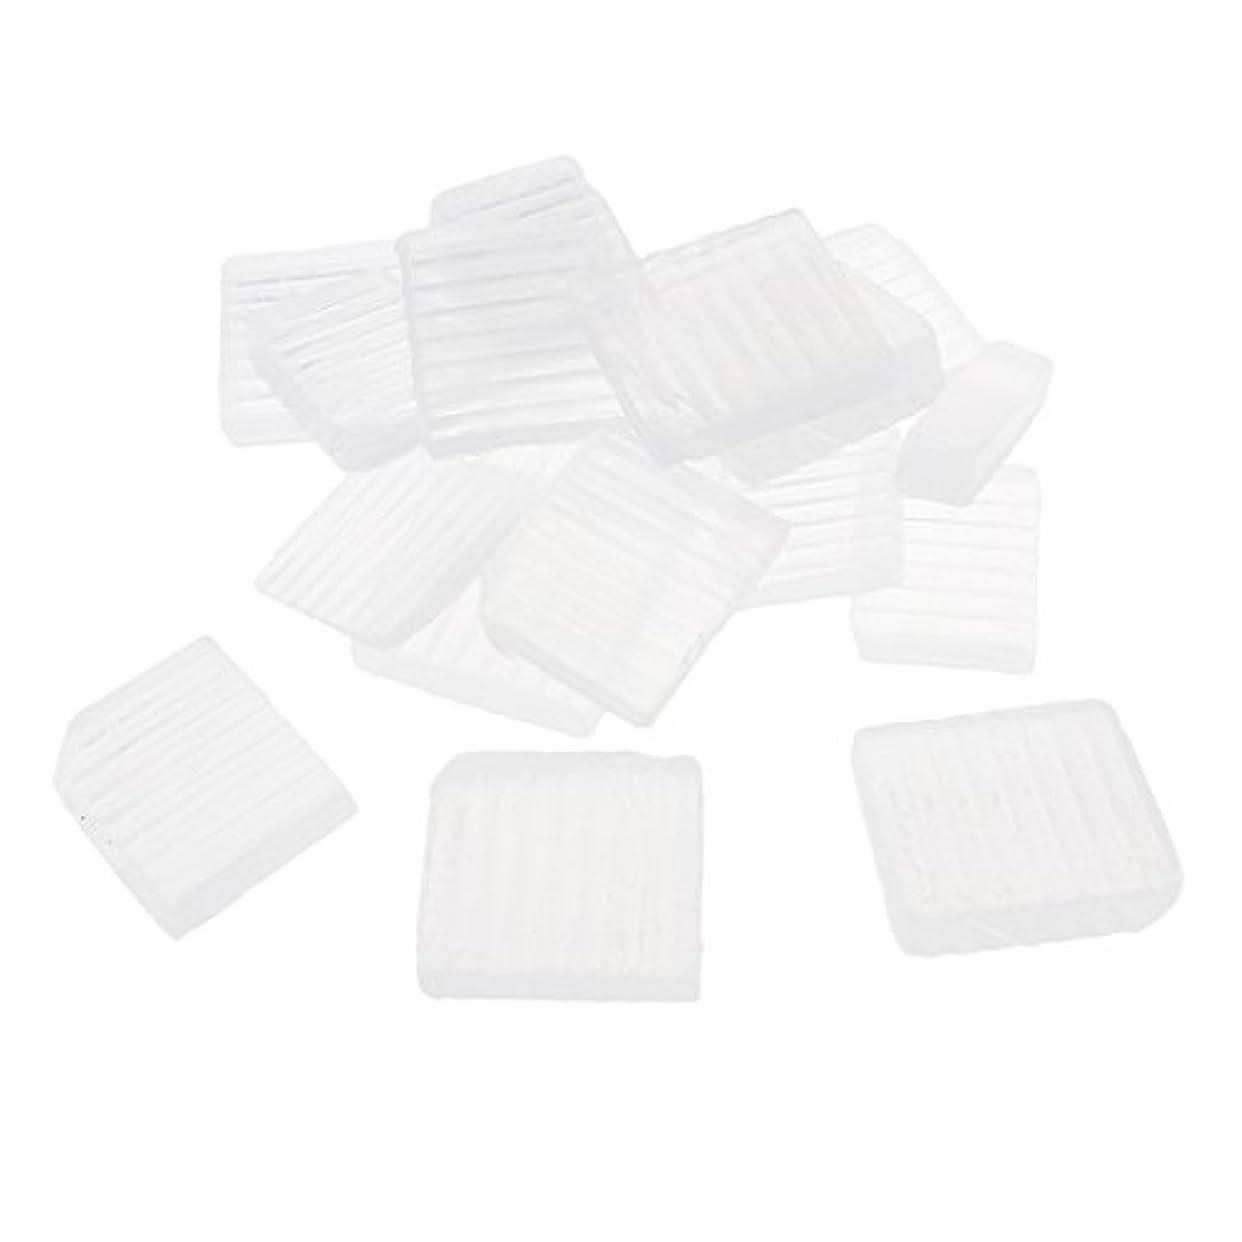 他にペストゆでる石鹸ベース DIY 石鹸作り プアソープベース 石鹸クラフト 手作り 約1 KG